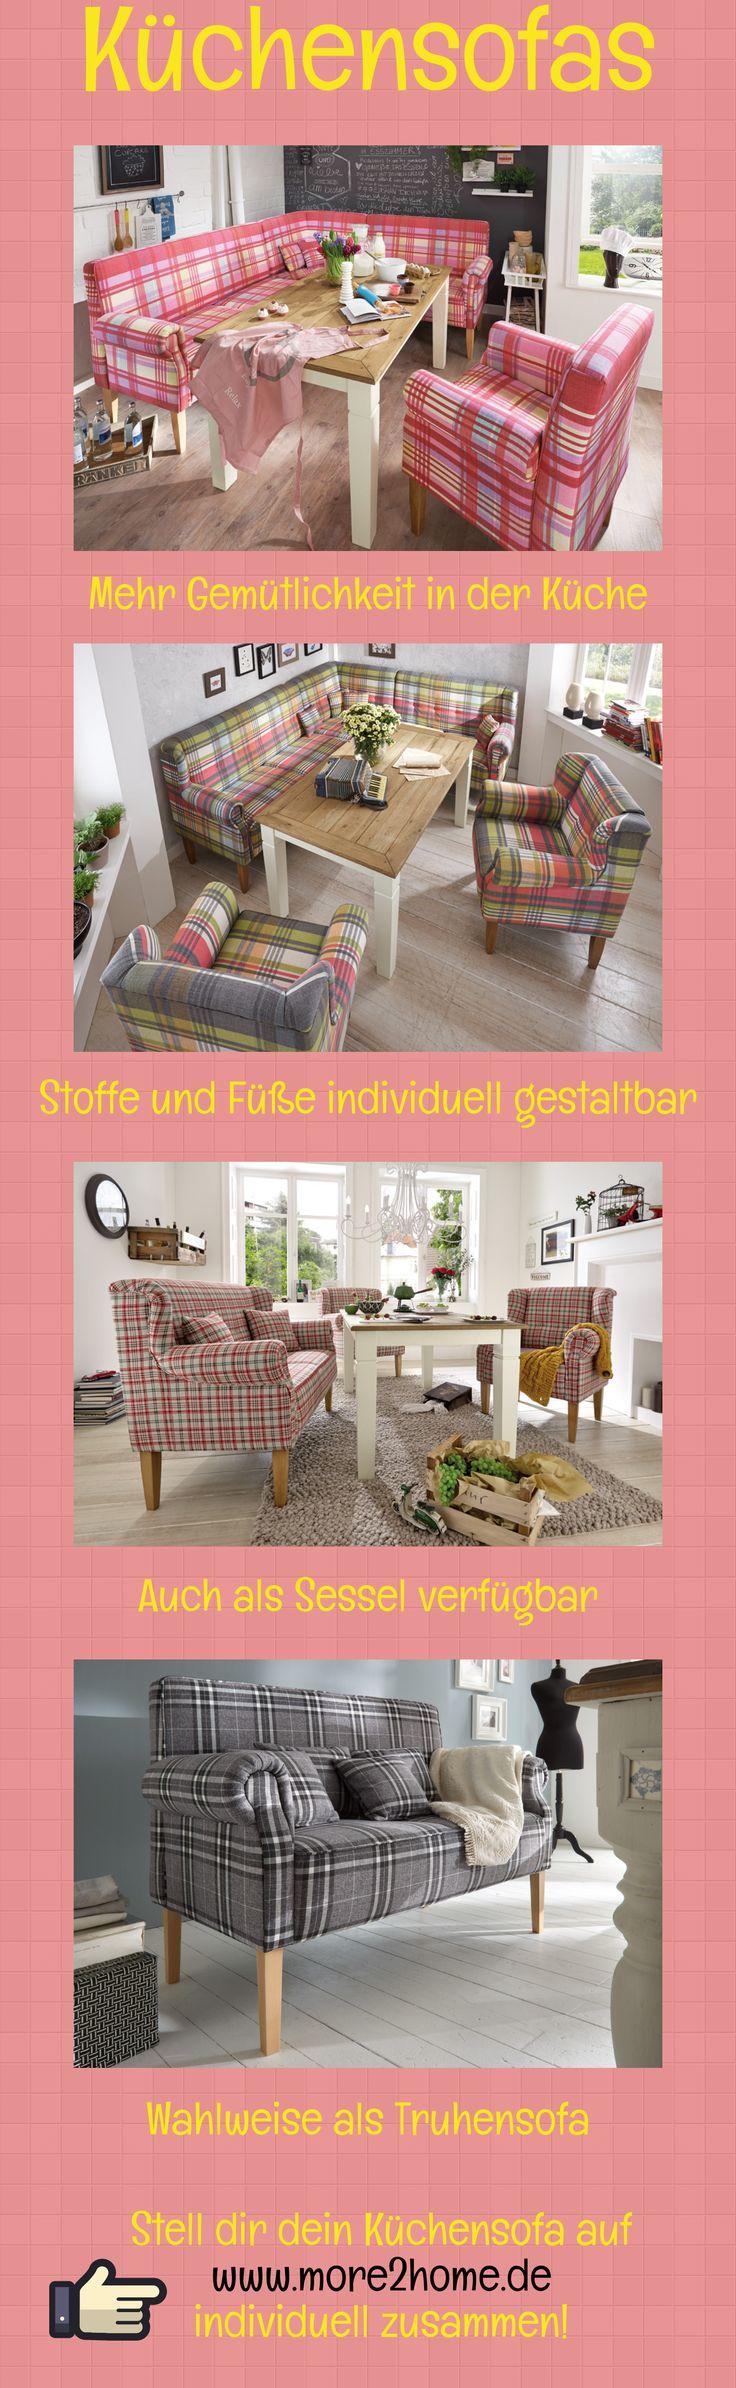 Interesting Kchensofa Tischsofa Esszimmer Landhaus Grn Stoff Einrichtung  Kche With Eckbnke Fr Kchen